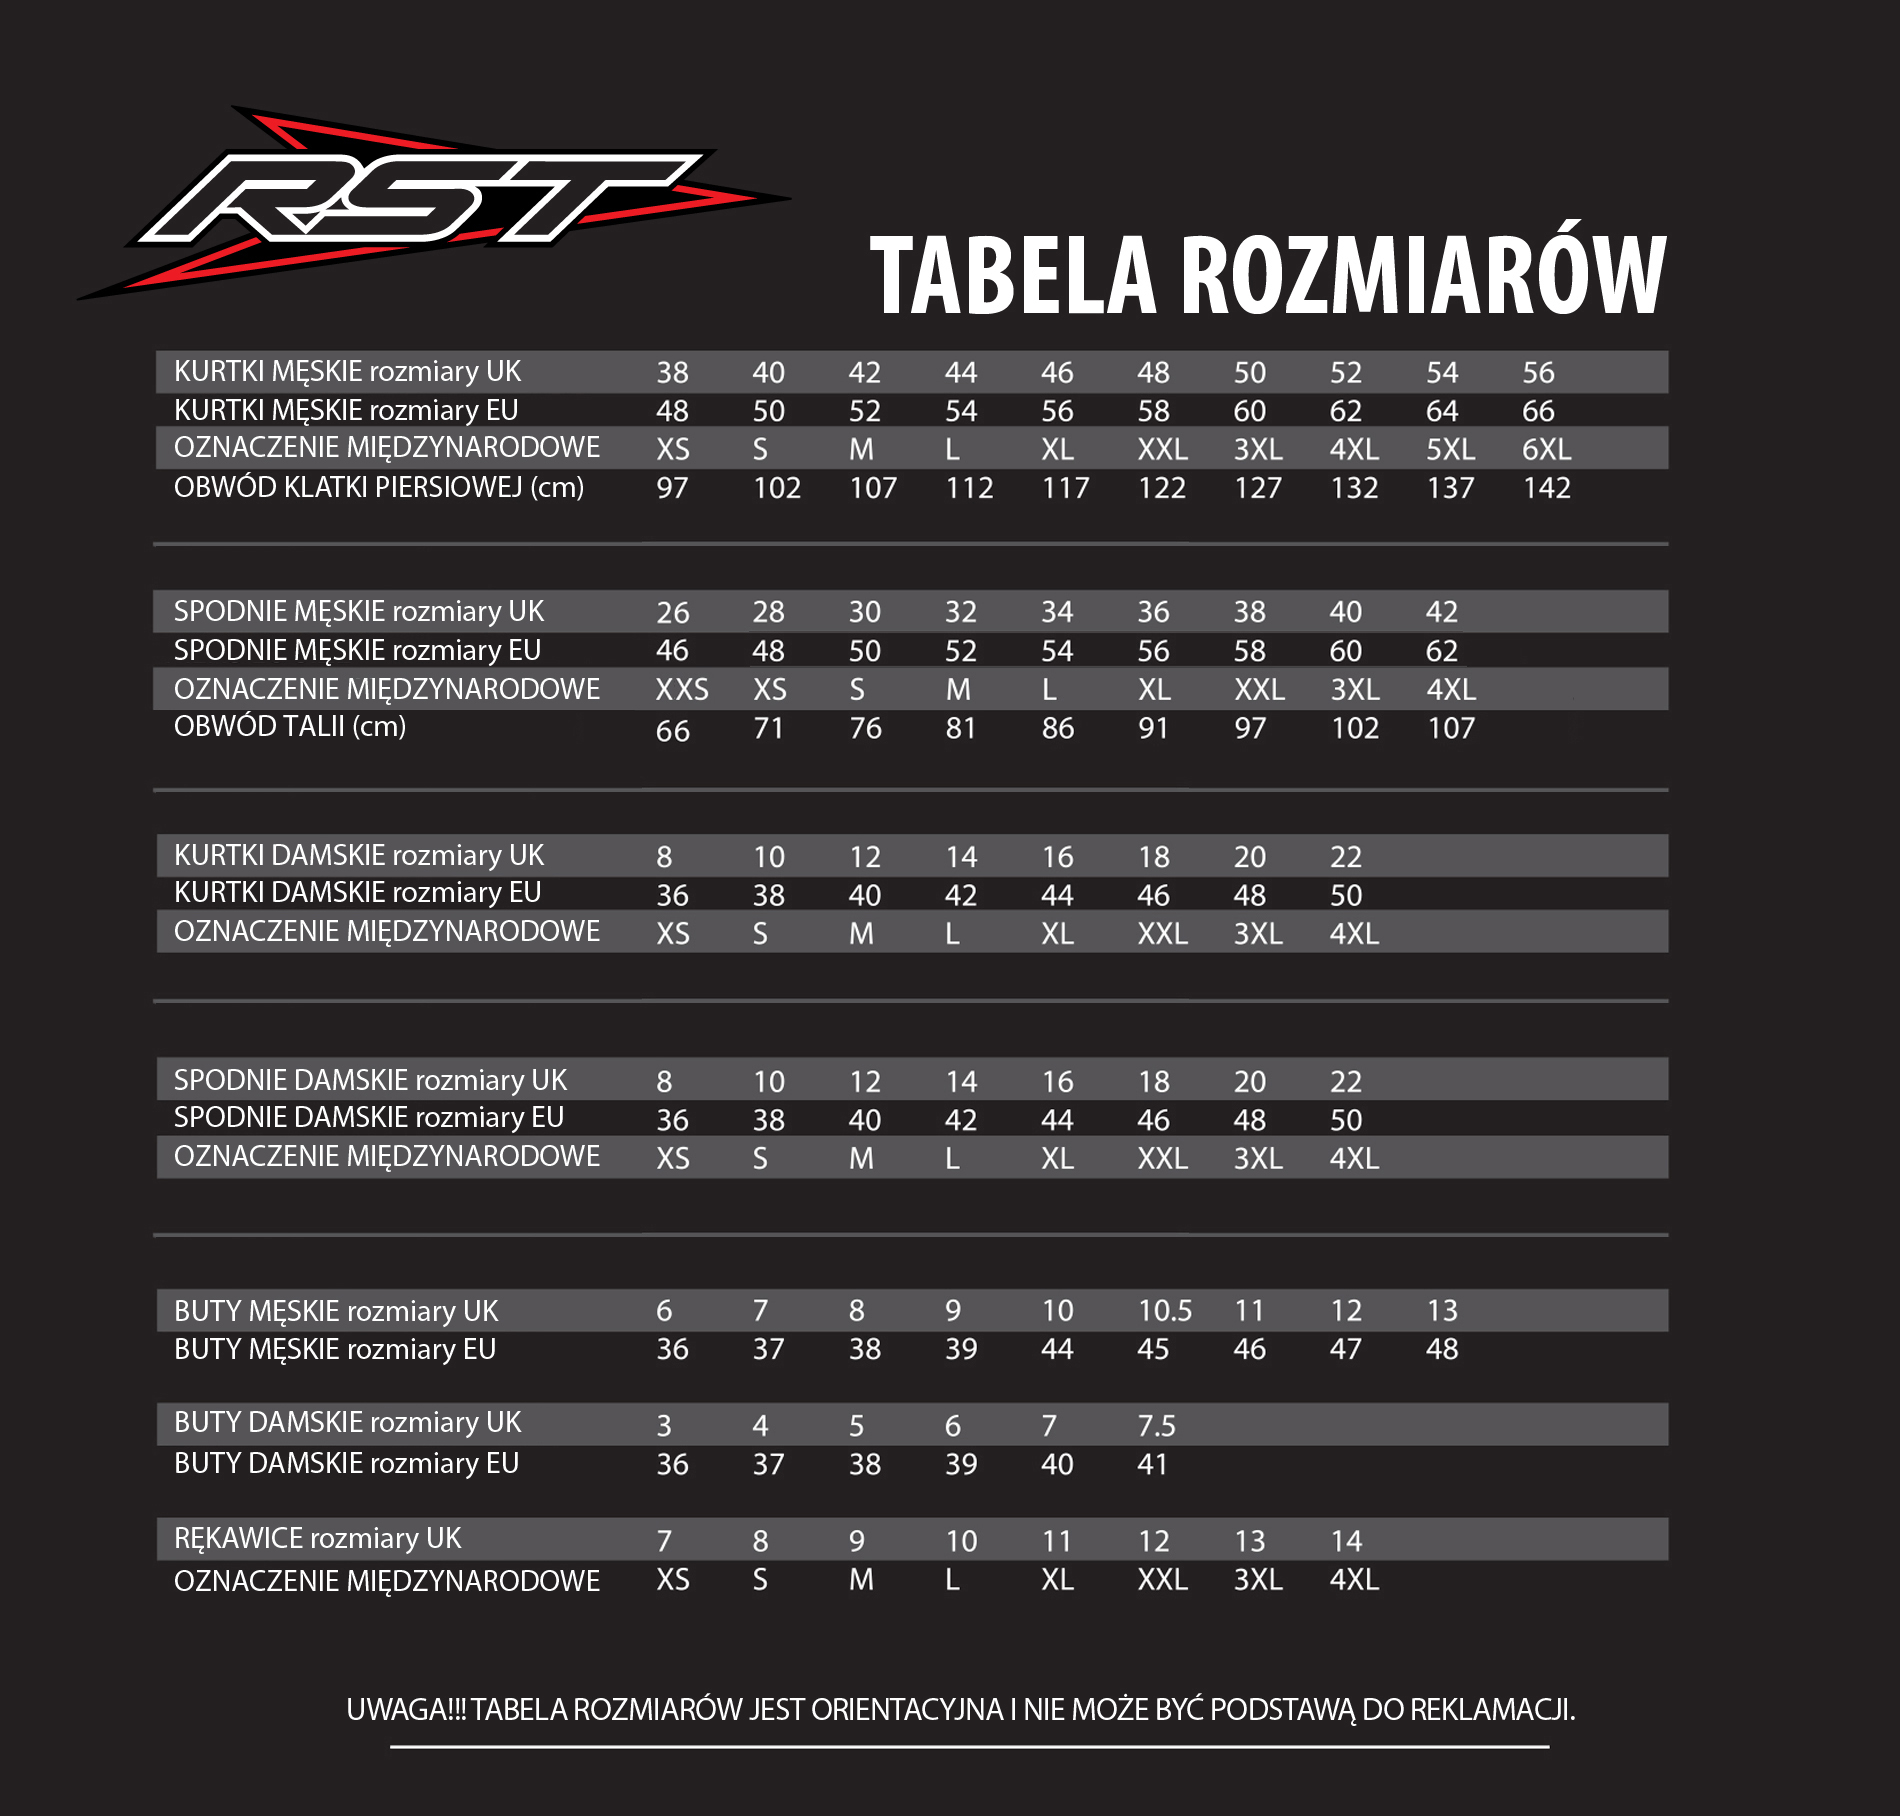 Tabela rozmiarów dla produktów marki RST